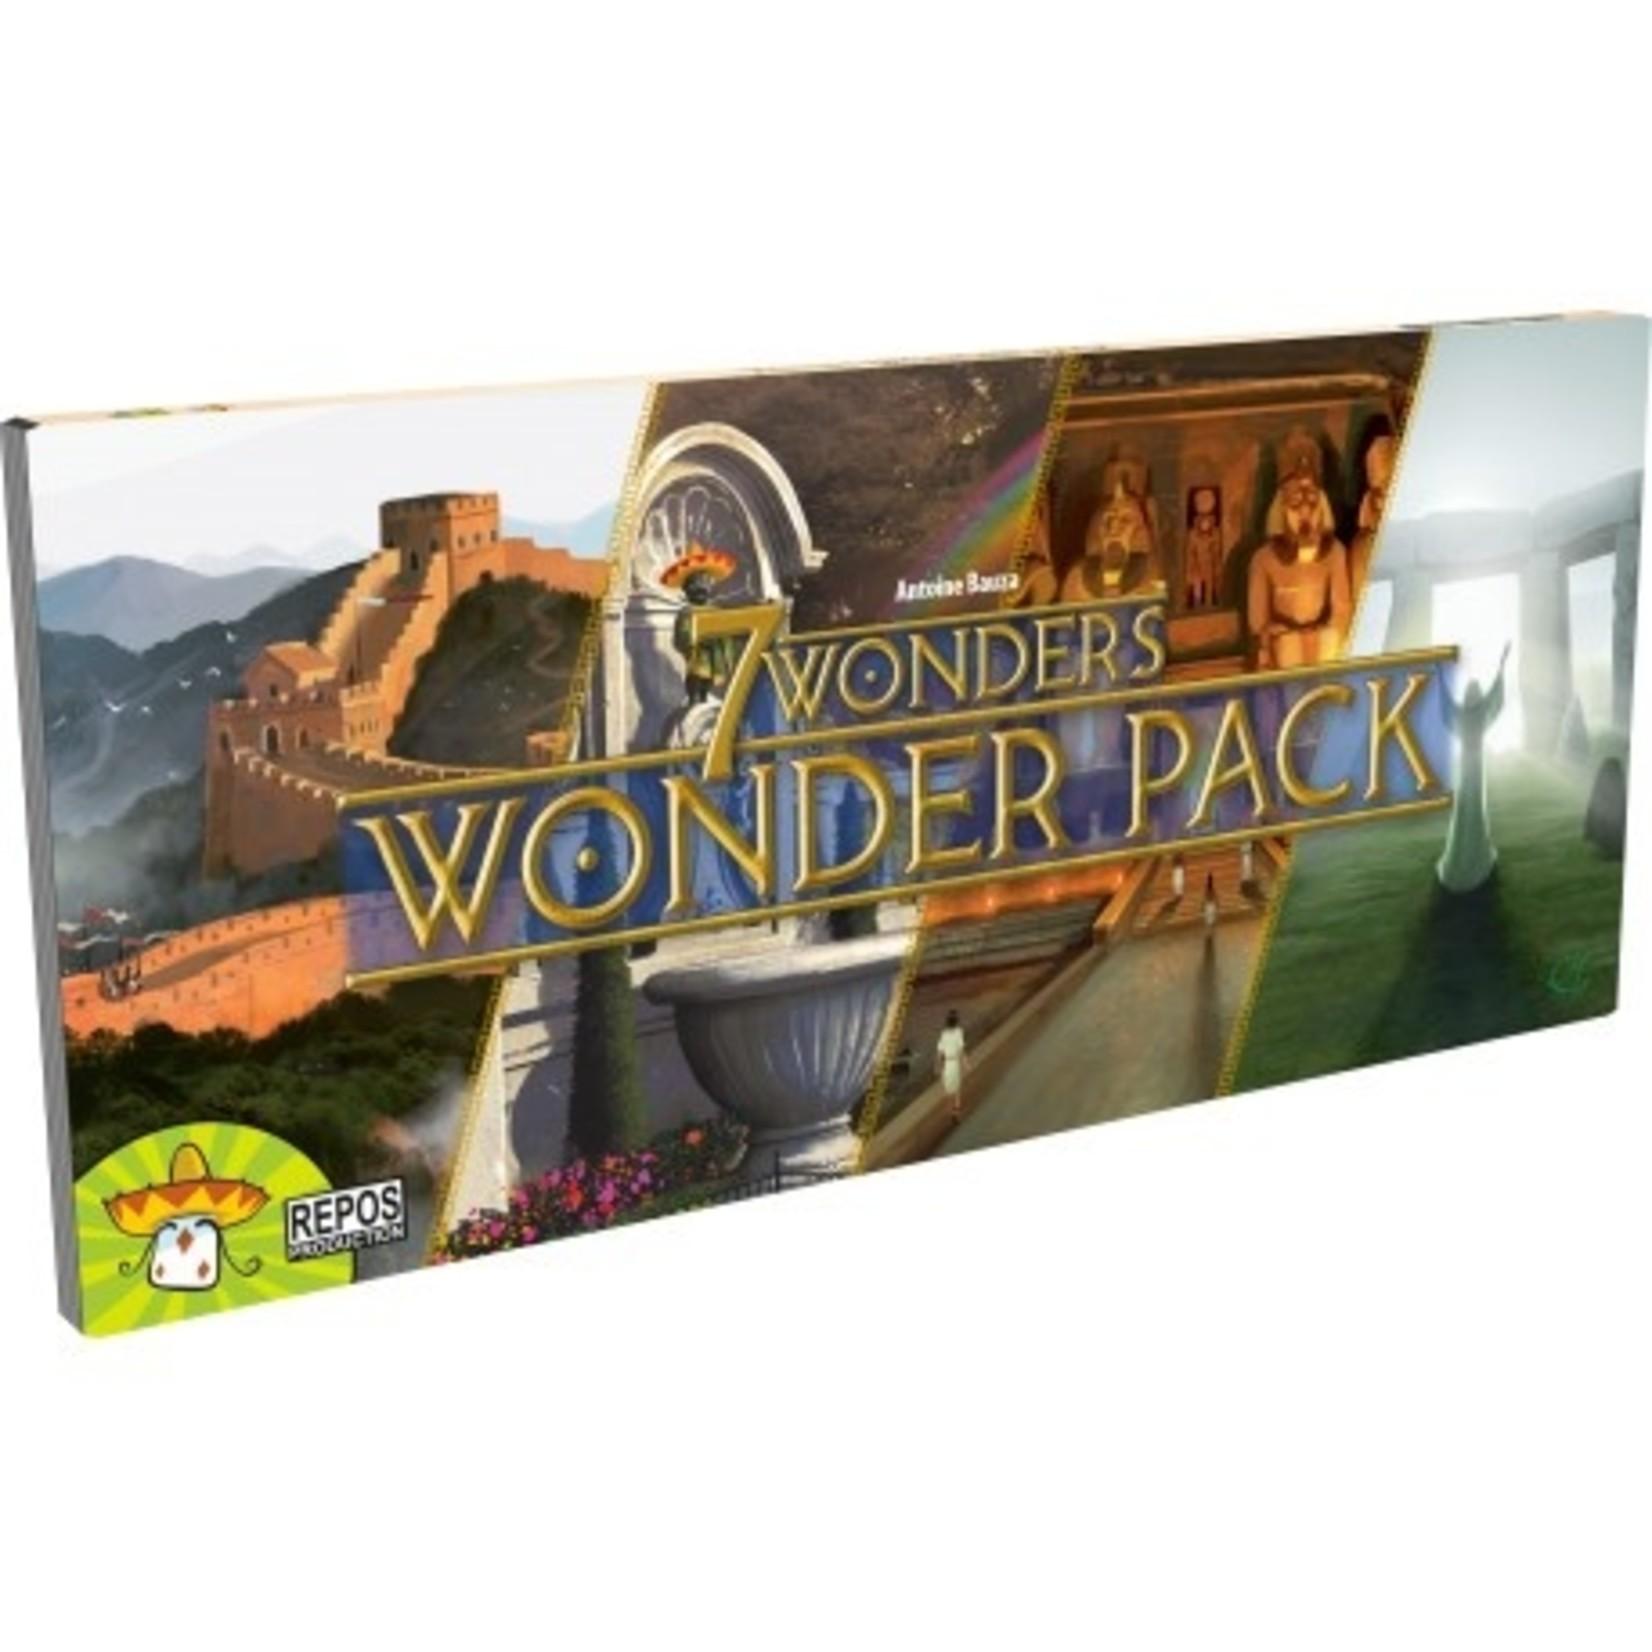 Asmodee 7 Wonders: Wonders Pack